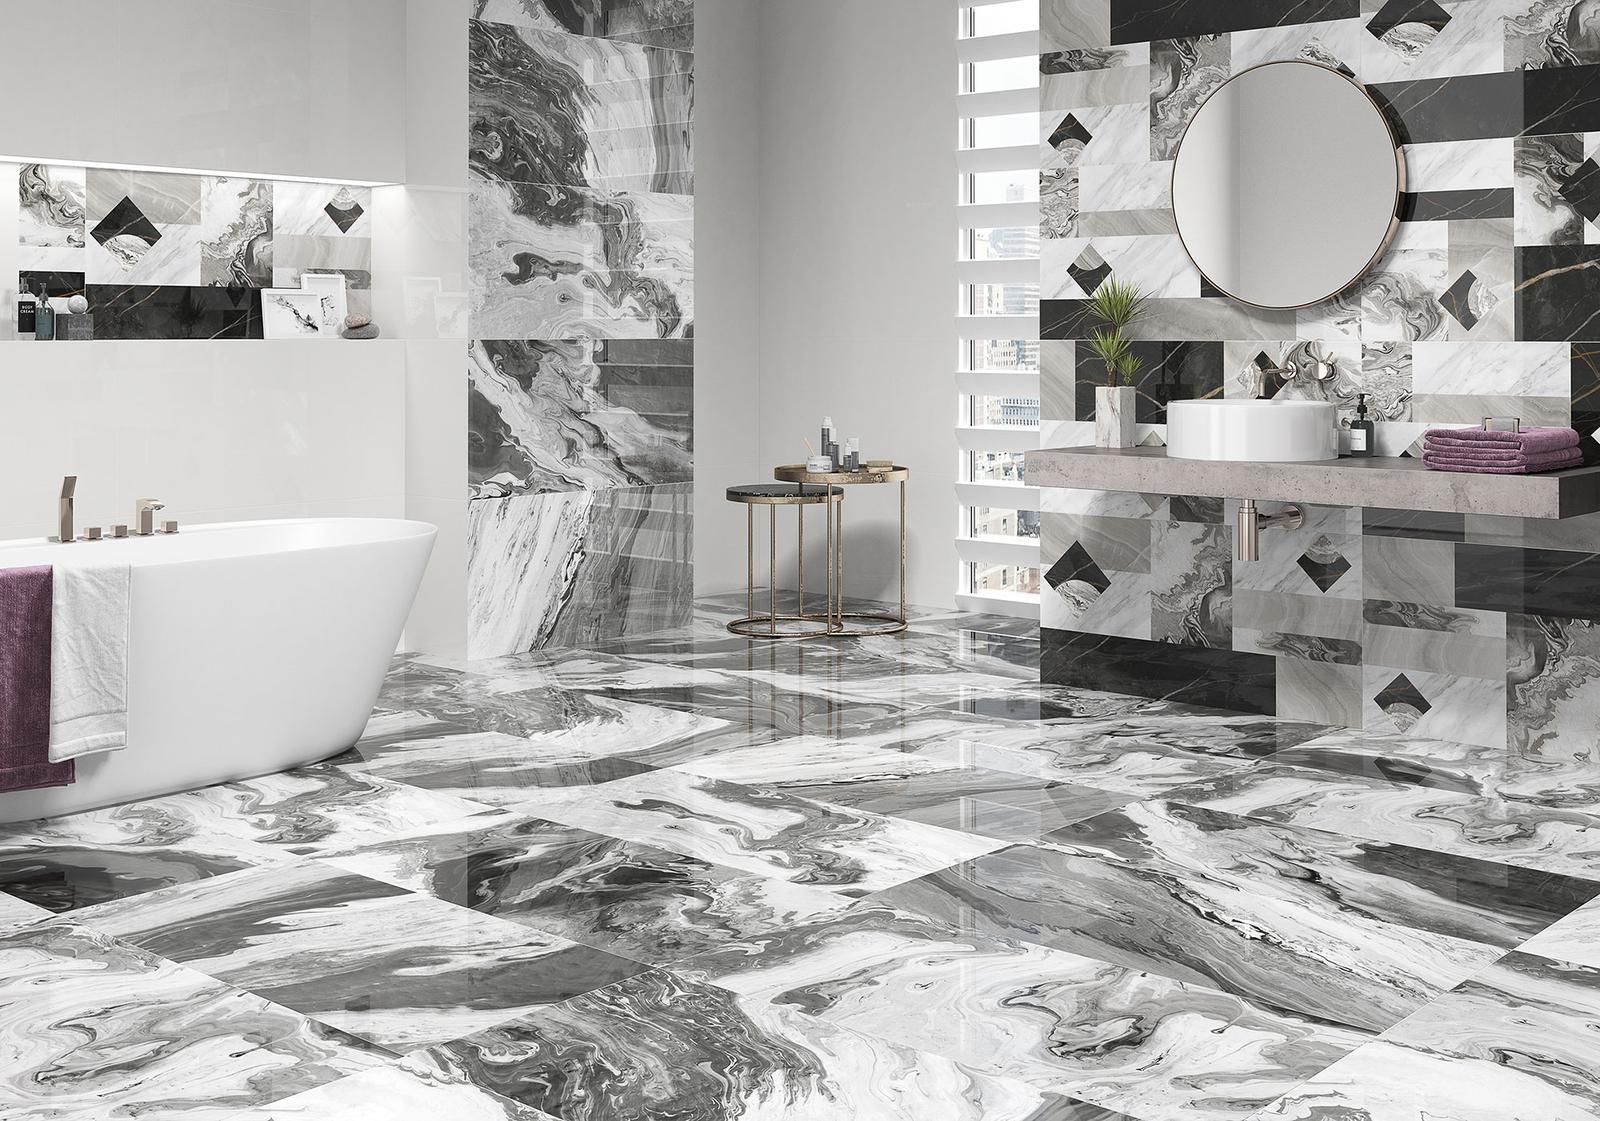 Luxusné kúpelne zo Španielska - dizajnová lesklá kúpeľňa Manhattan Gloss 49,1x98,2